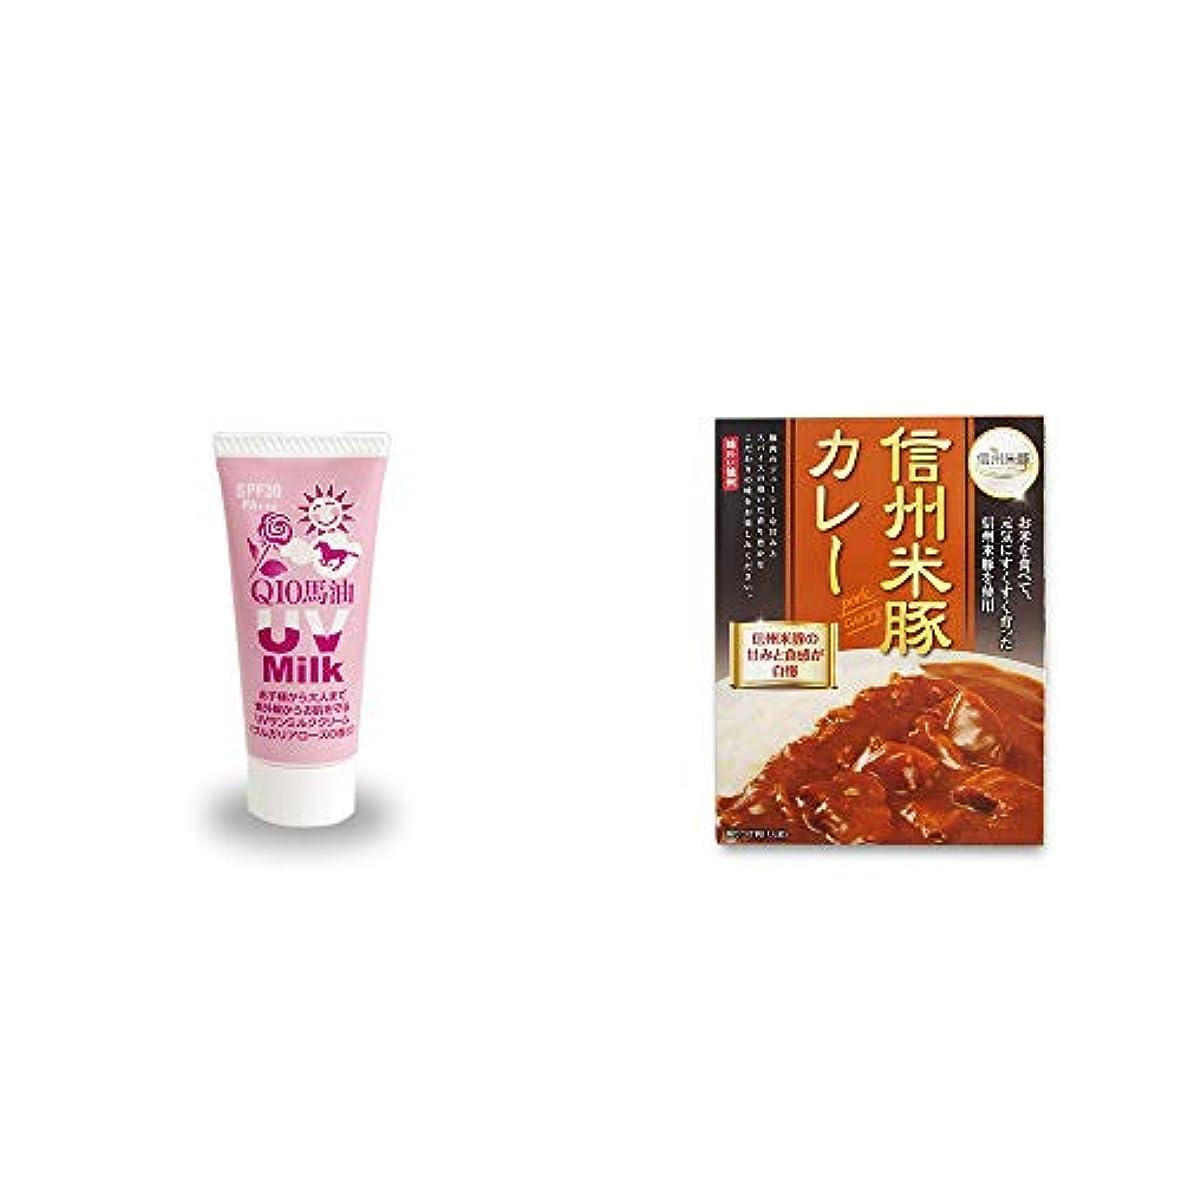 モス材料フリッパー[2点セット] 炭黒泉 Q10馬油 UVサンミルク[ブルガリアローズ](40g)?信州米豚カレー(1食分)